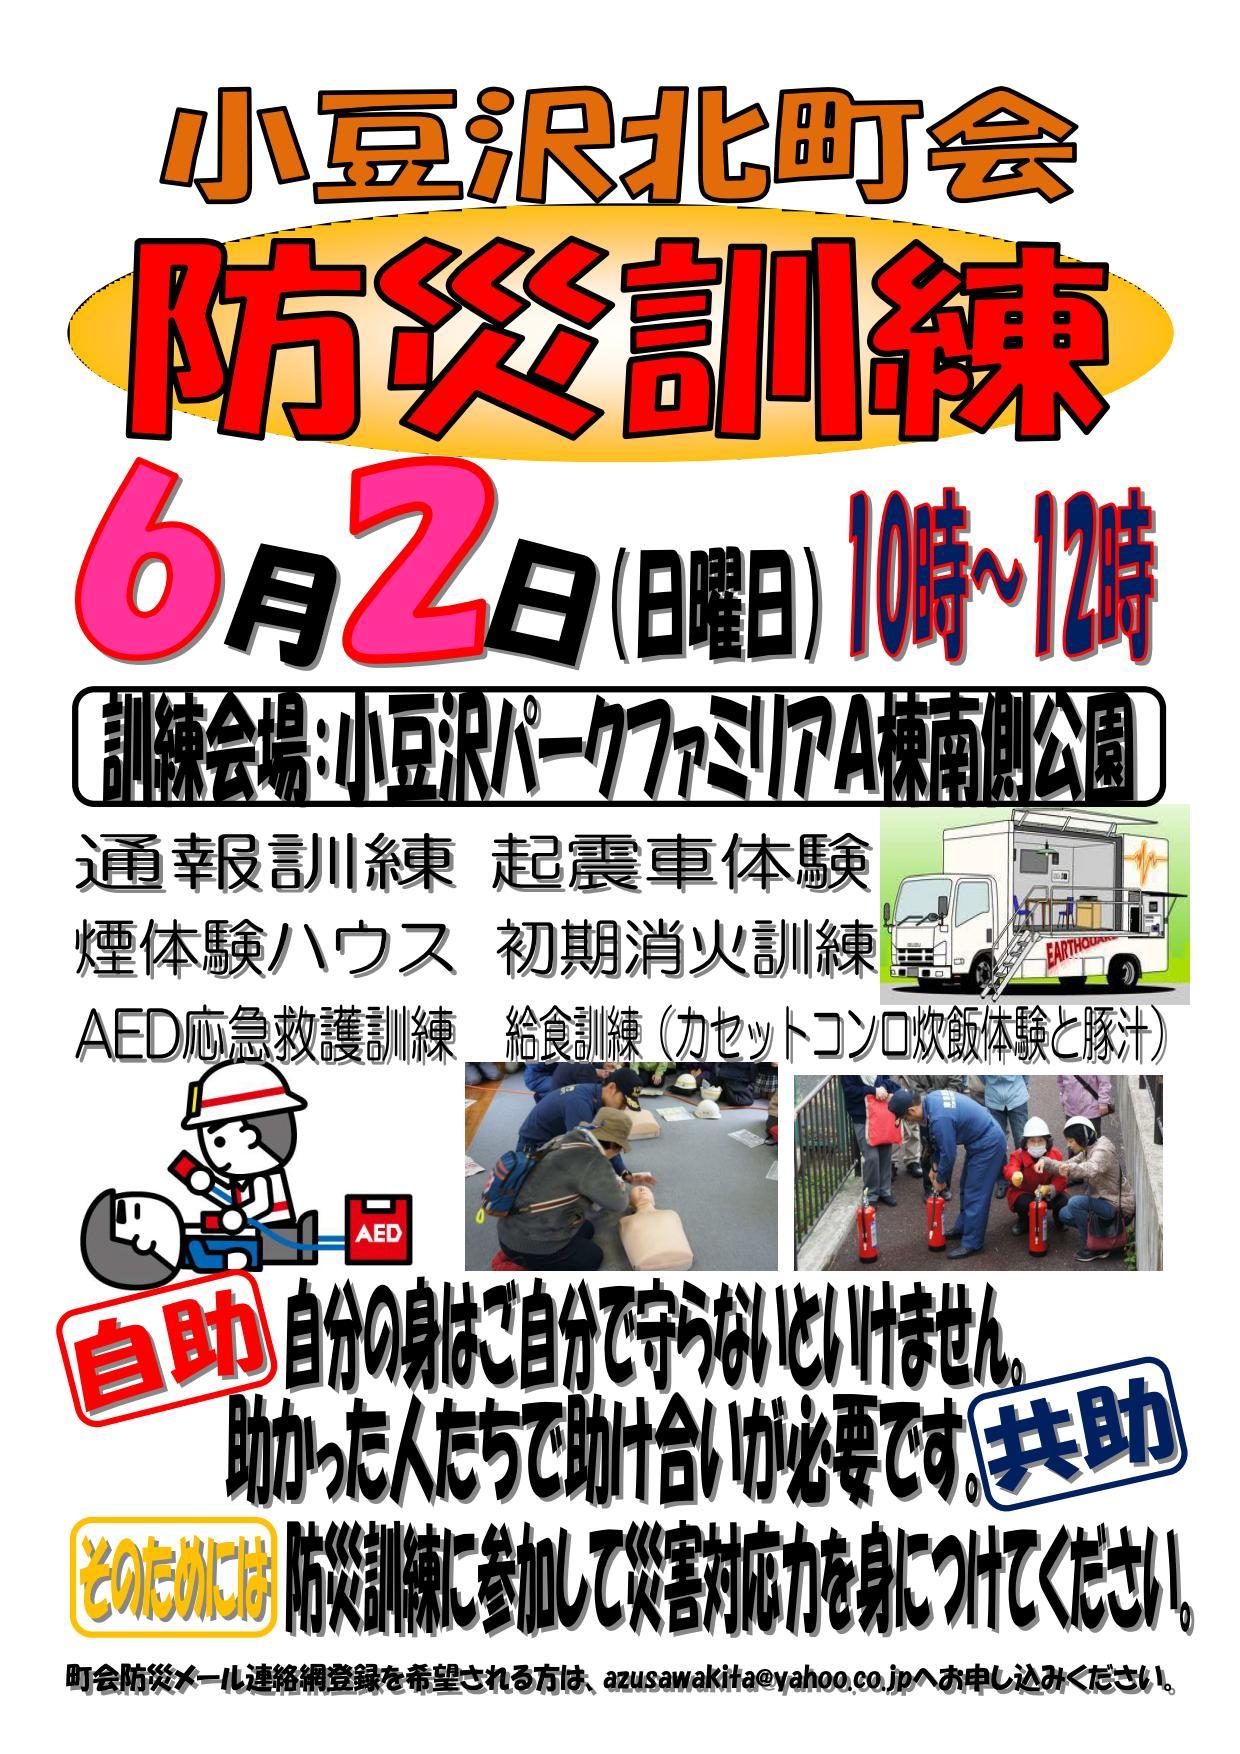 2013-06-02平成25年度小豆沢北町会防災訓練